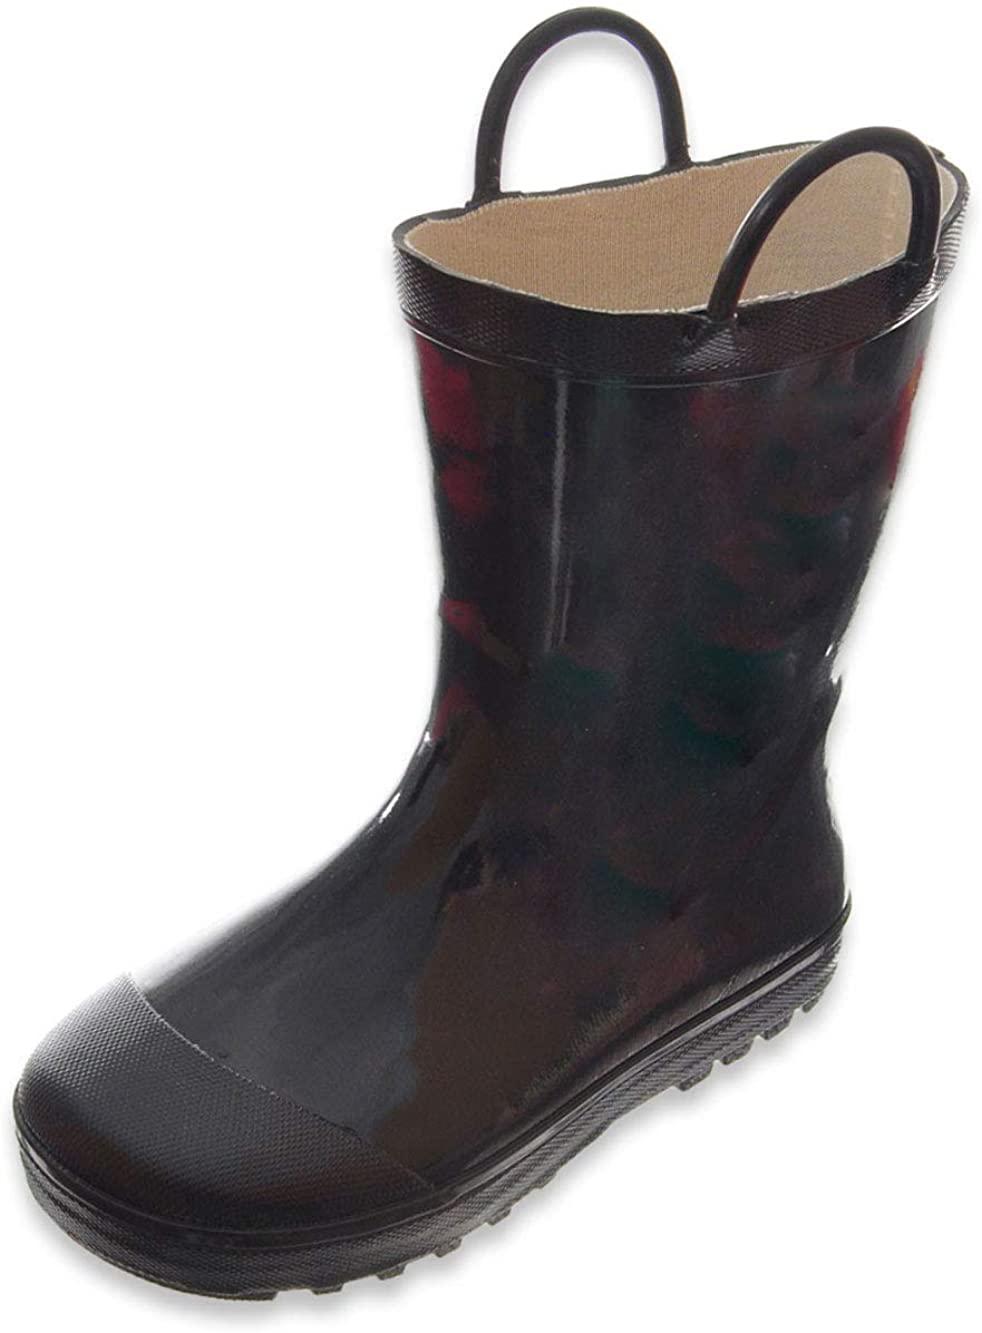 LILLY Boys' Rain Boots